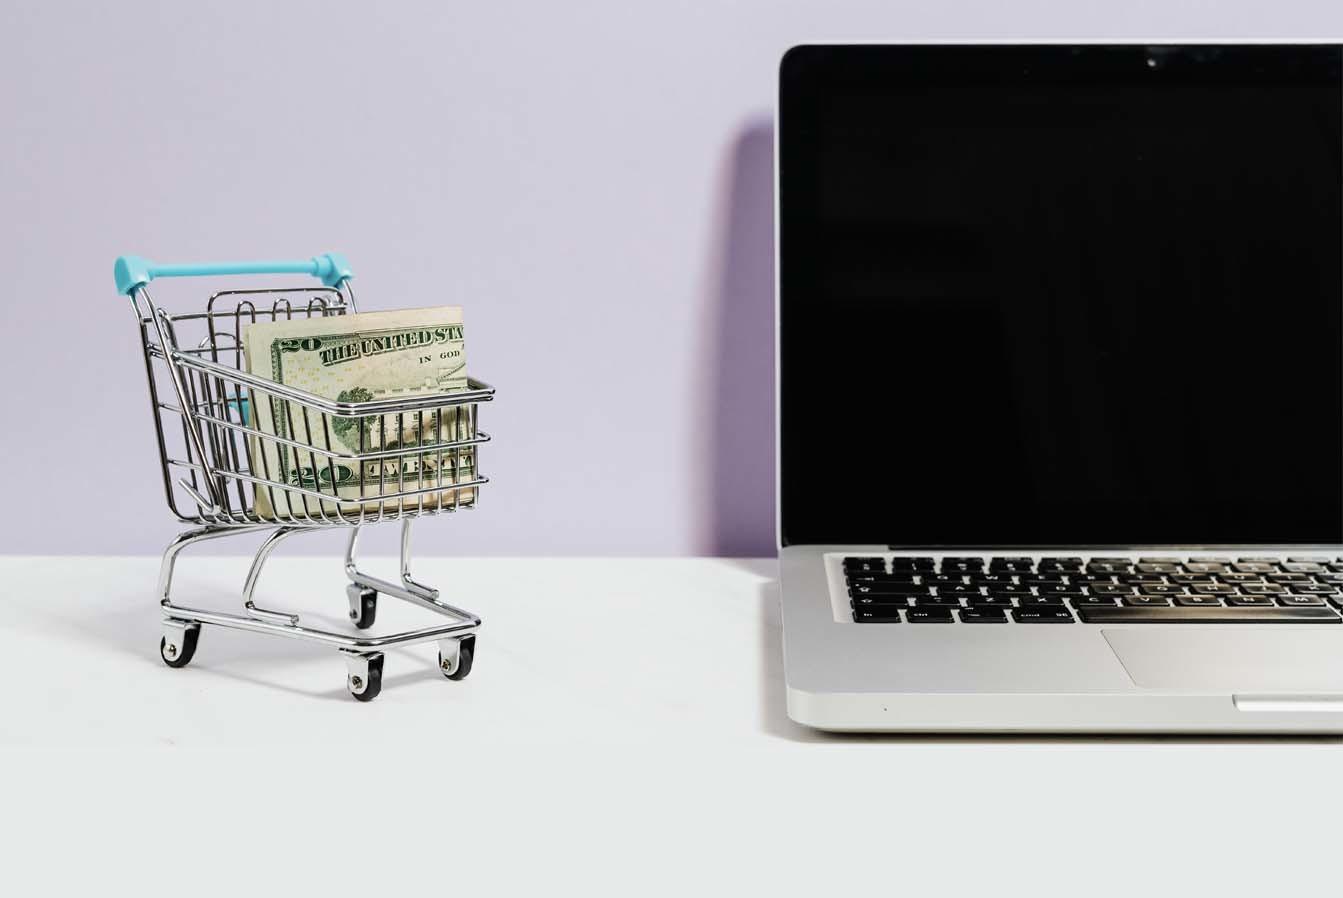 Der E-Commerce Markt in Deutschland - Ein Bericht